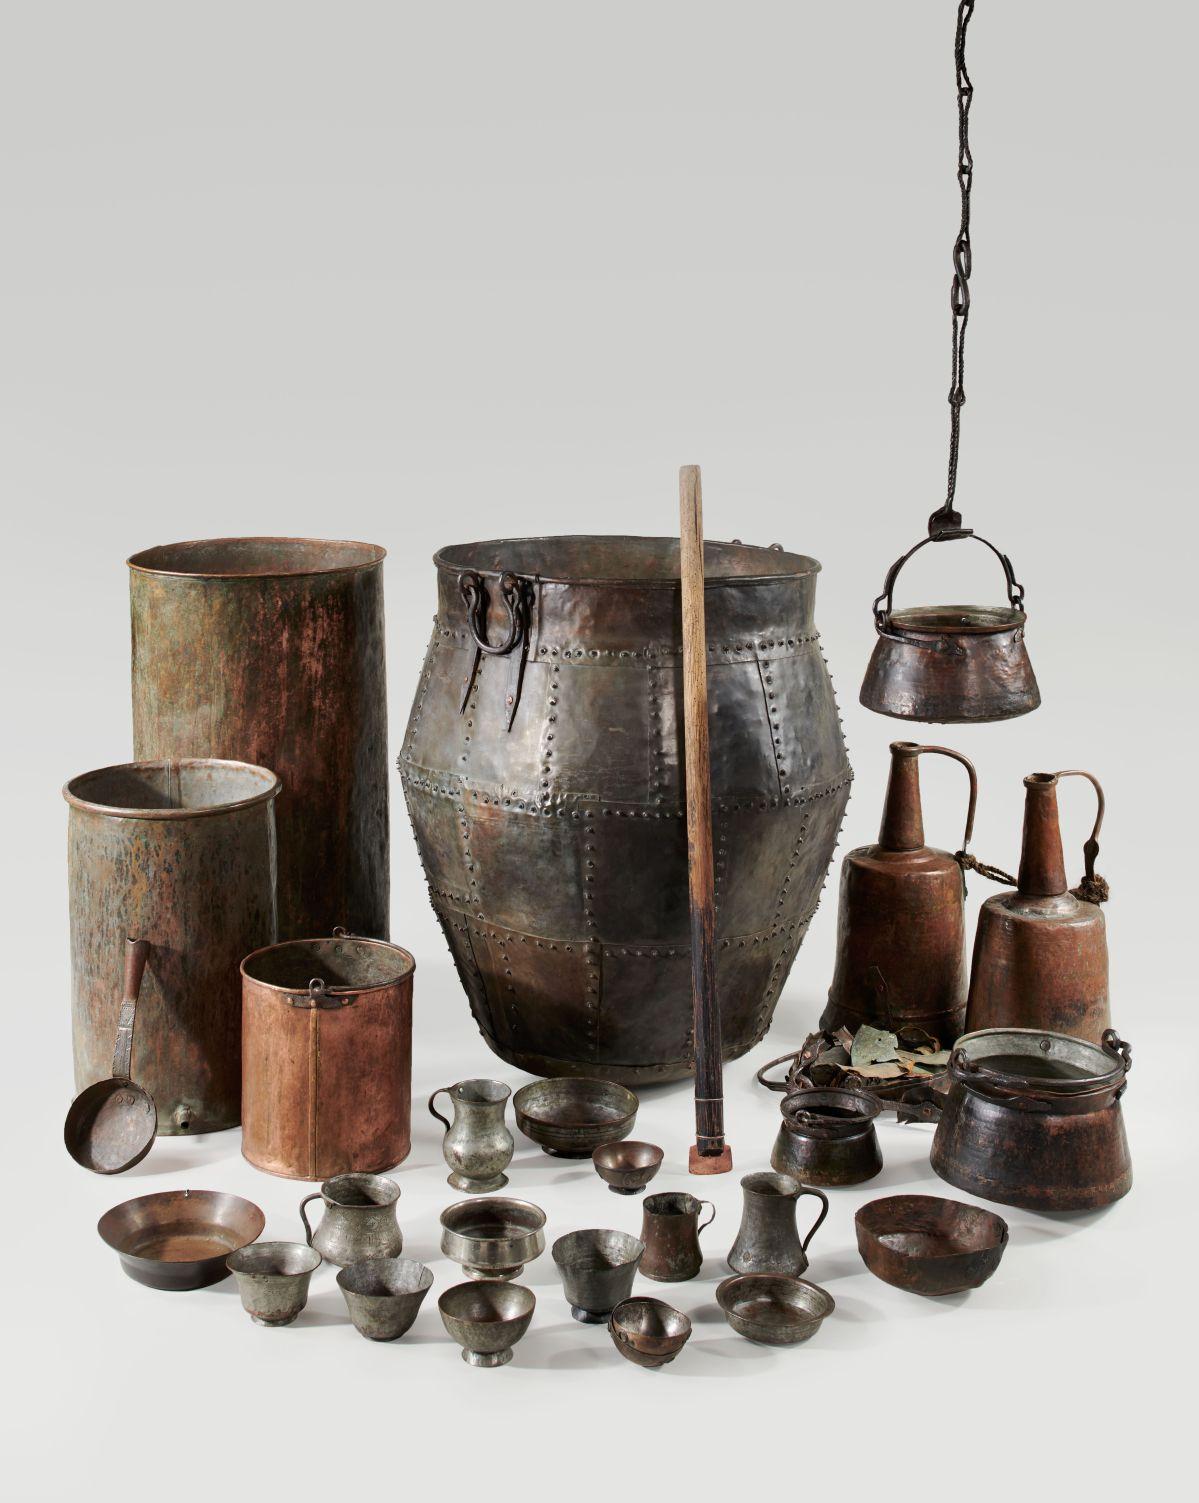 Matériel rituel pour la fabrication et la consommation de la bière. Gveletie, Géorgie, vers 1900-1930 © MucemMarianne Kuhn